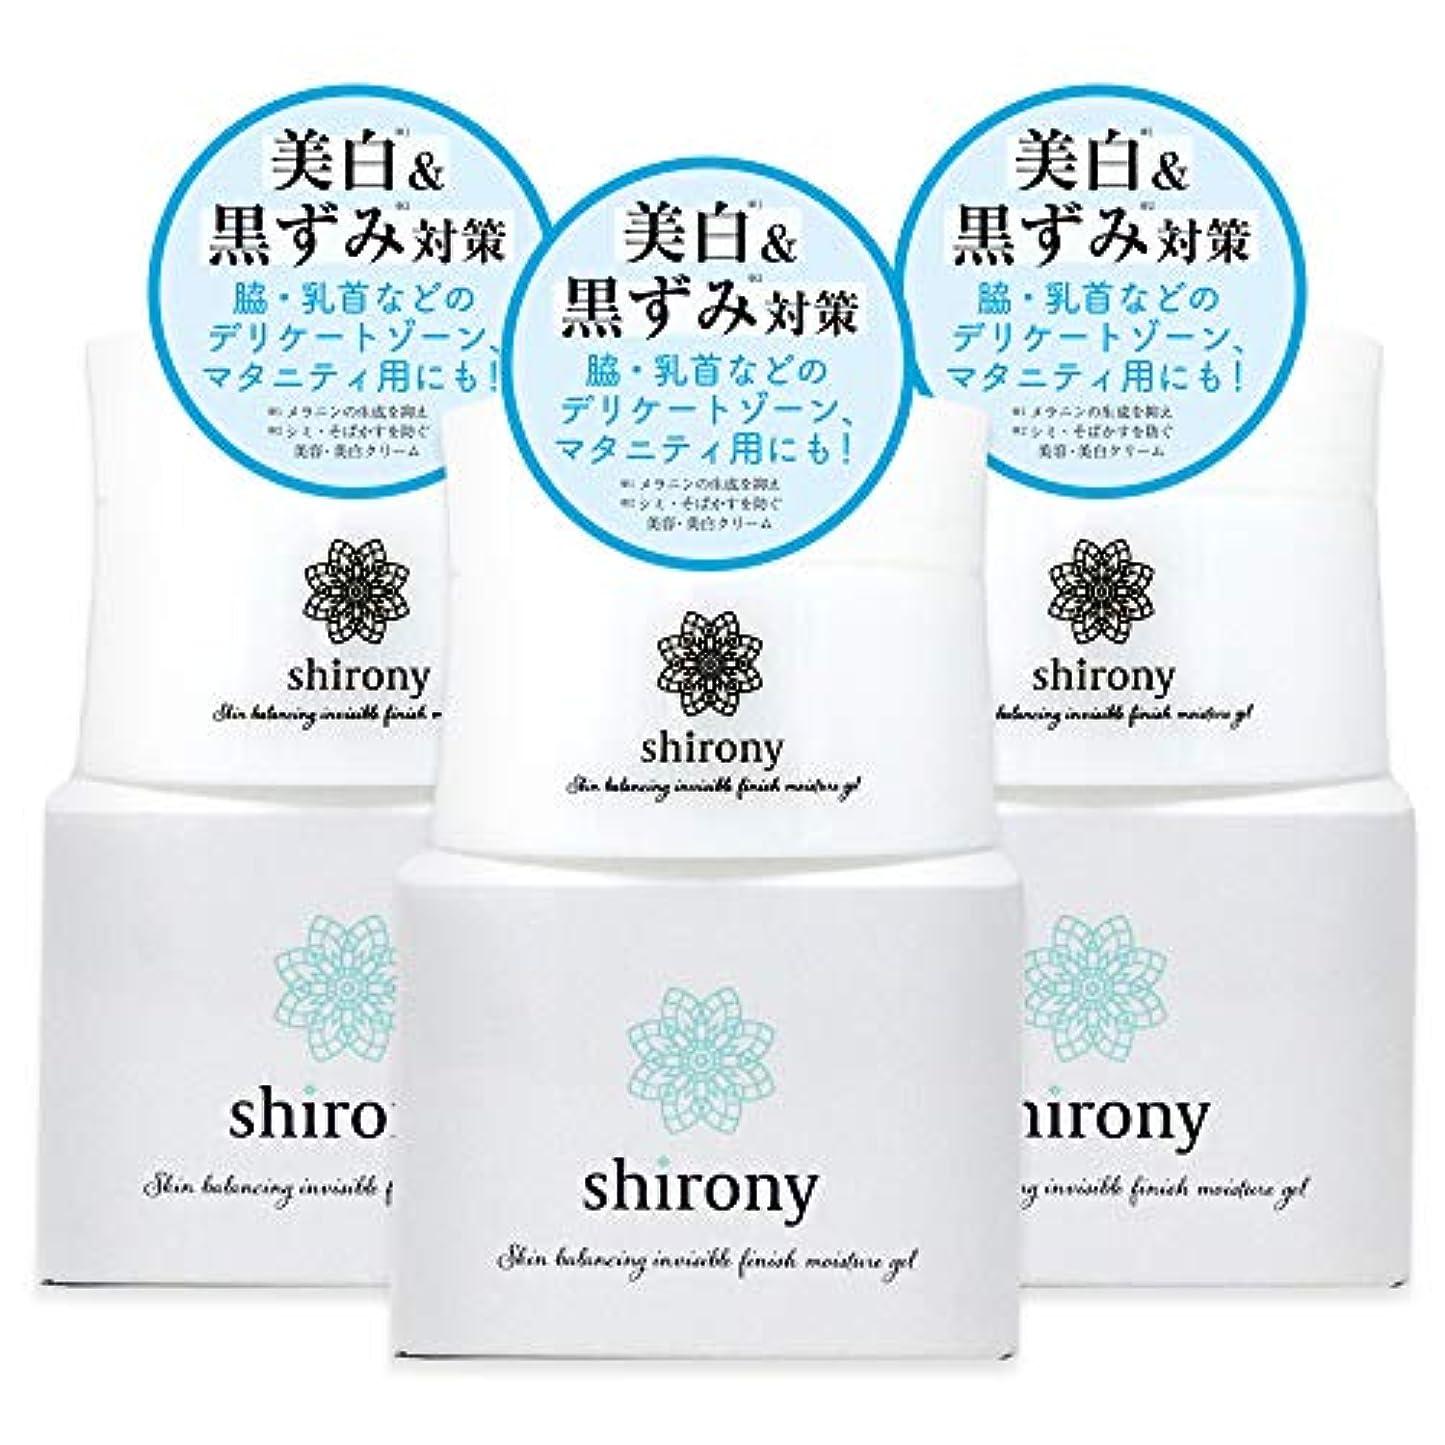 くるくるコート機械的にshirony (シロニー) 保湿 美白 ホワイトアップ クリーム モイストクリーム 30g 【医薬部外品】 (3個)